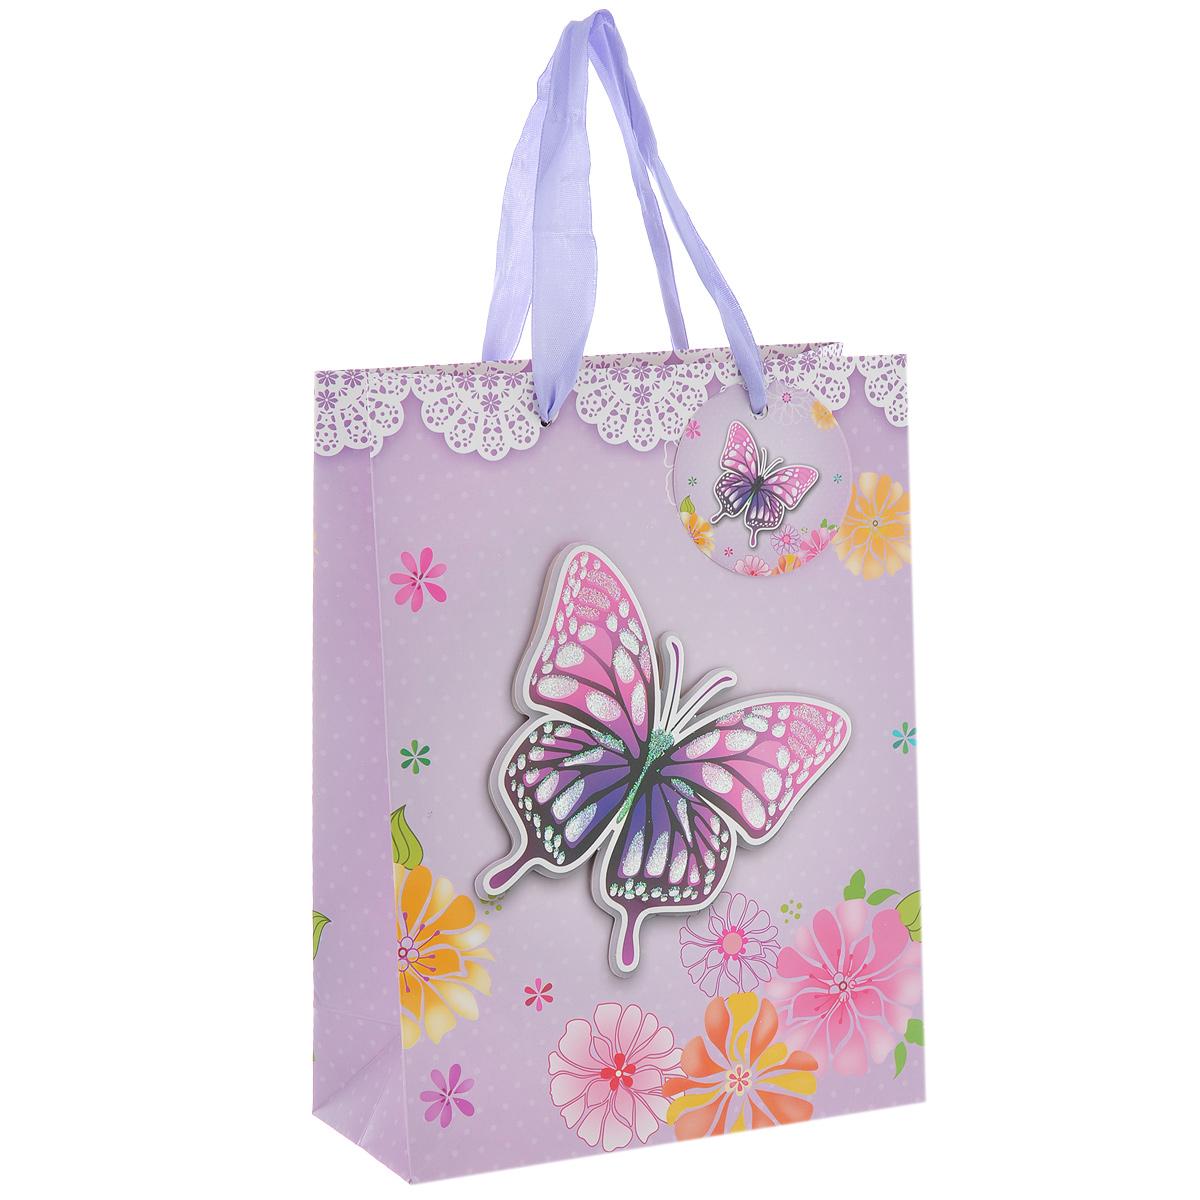 Пакет подарочный Сиреневая бабочка, 18 х 8 х 24 см1401-SB Пакет Сиреневая бабочкаДизайнерский подарочный пакет Сиреневая бабочка выполнен из плотной бумаги, оформлен цветочным рисунком и аппликацией в виде бабочки, покрытой сверкающими блестками. Дно изделия укреплено плотным картоном, который позволяет сохранить форму пакета и исключает возможность деформации дна под тяжестью подарка. Для удобной переноски имеются две атласные ручки. Подарок, преподнесенный в оригинальной упаковке, всегда будет самым эффектным и запоминающимся. Окружите близких людей вниманием и заботой, вручив презент в нарядном праздничном оформлении.